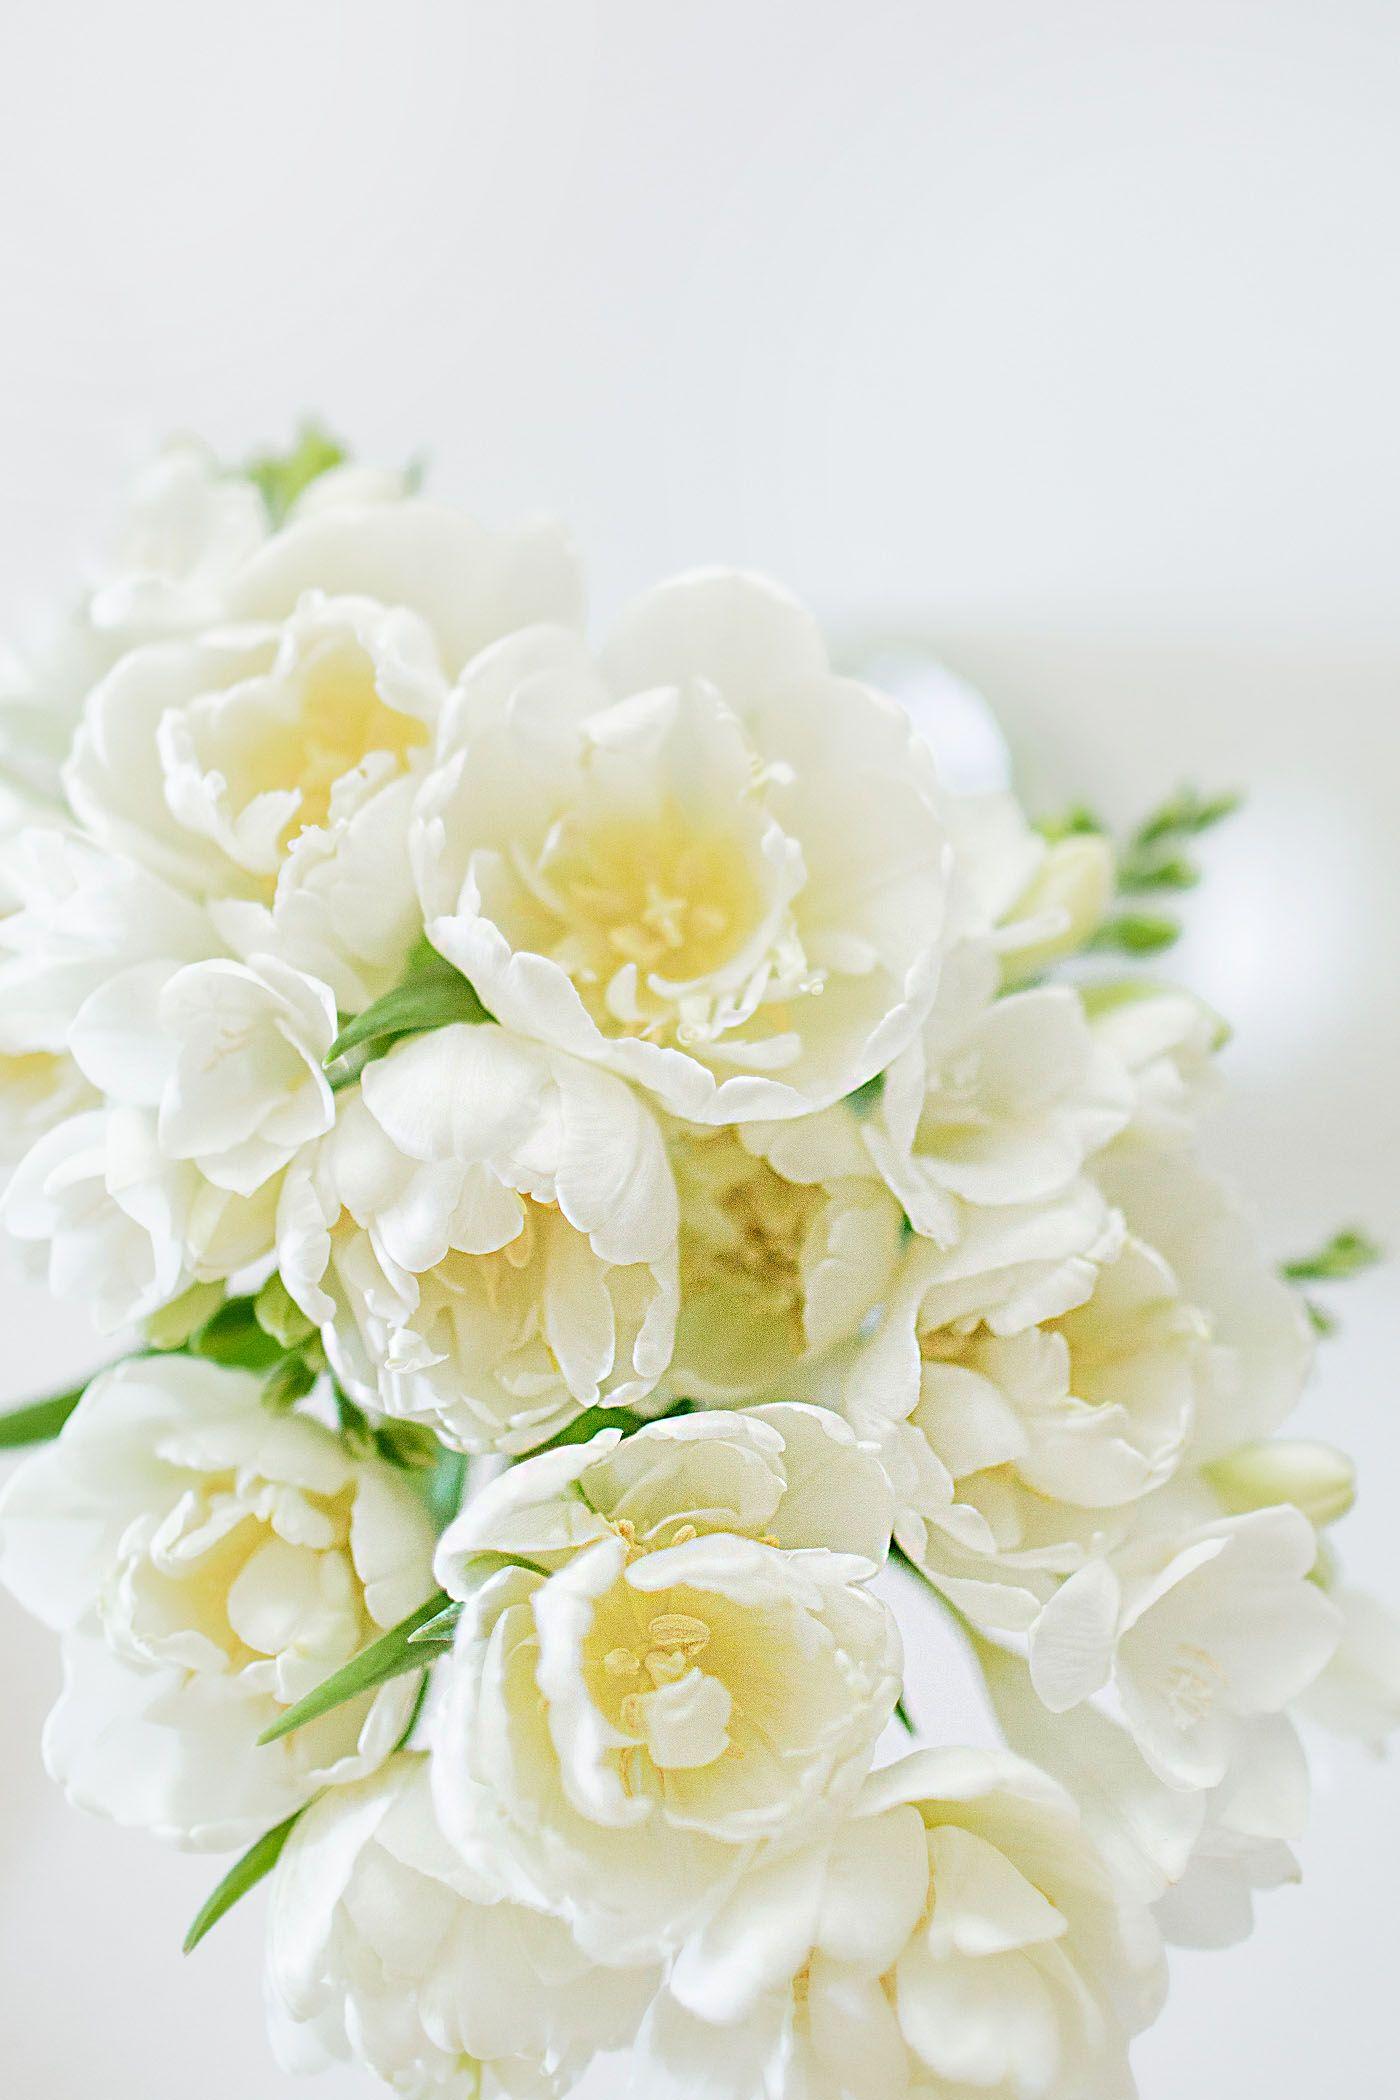 White freesia flowers life floral garden pinterest freesia white freesia flowers izmirmasajfo Gallery